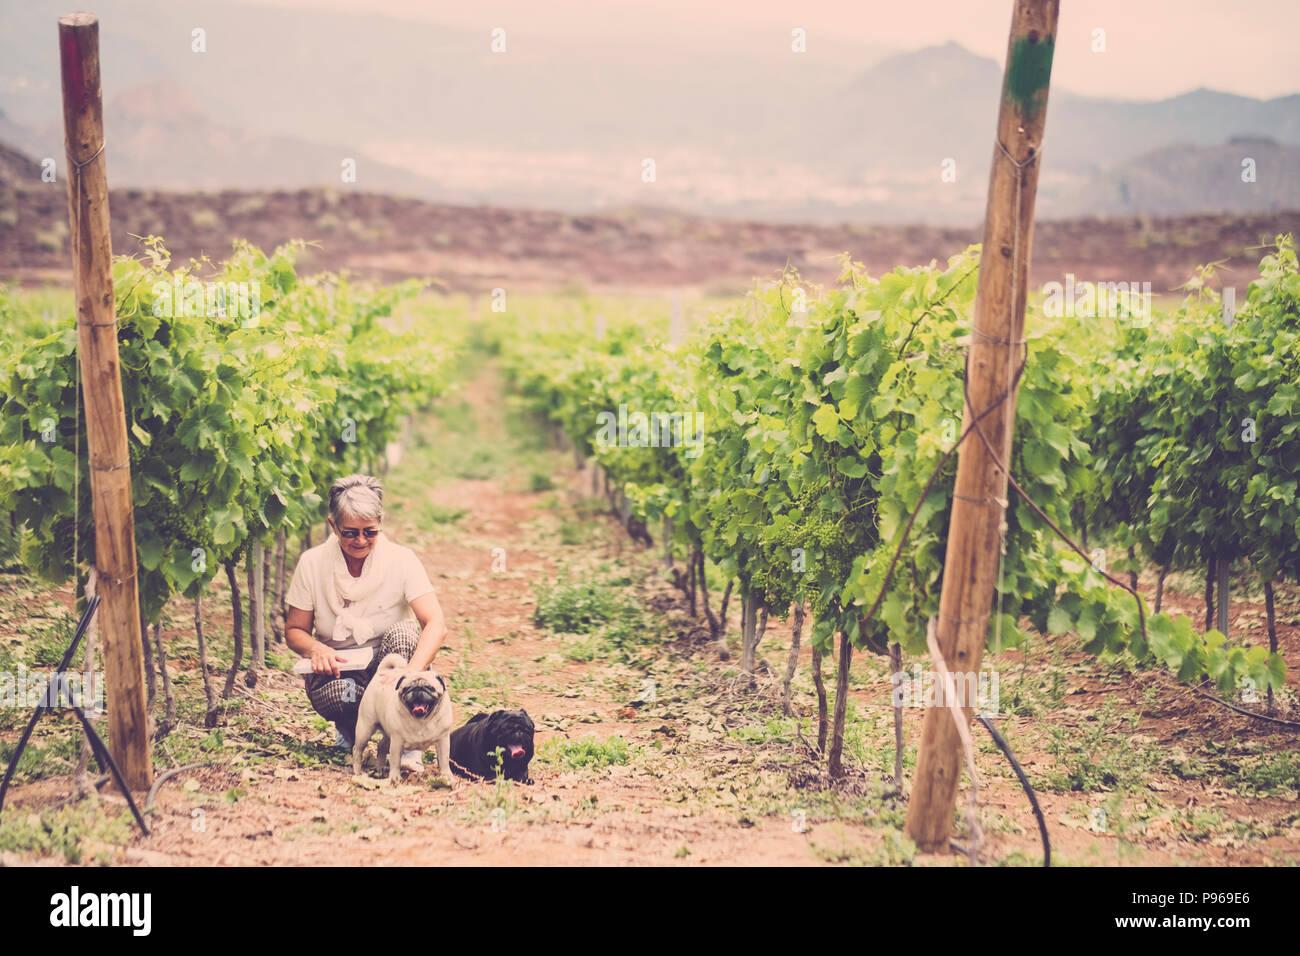 Immagine vintage con caucasian signora seduta in vigna con i suoi due migliori amici cane pug. attività di svago all'aperto per il gruppo nella felicità. amore per Immagini Stock